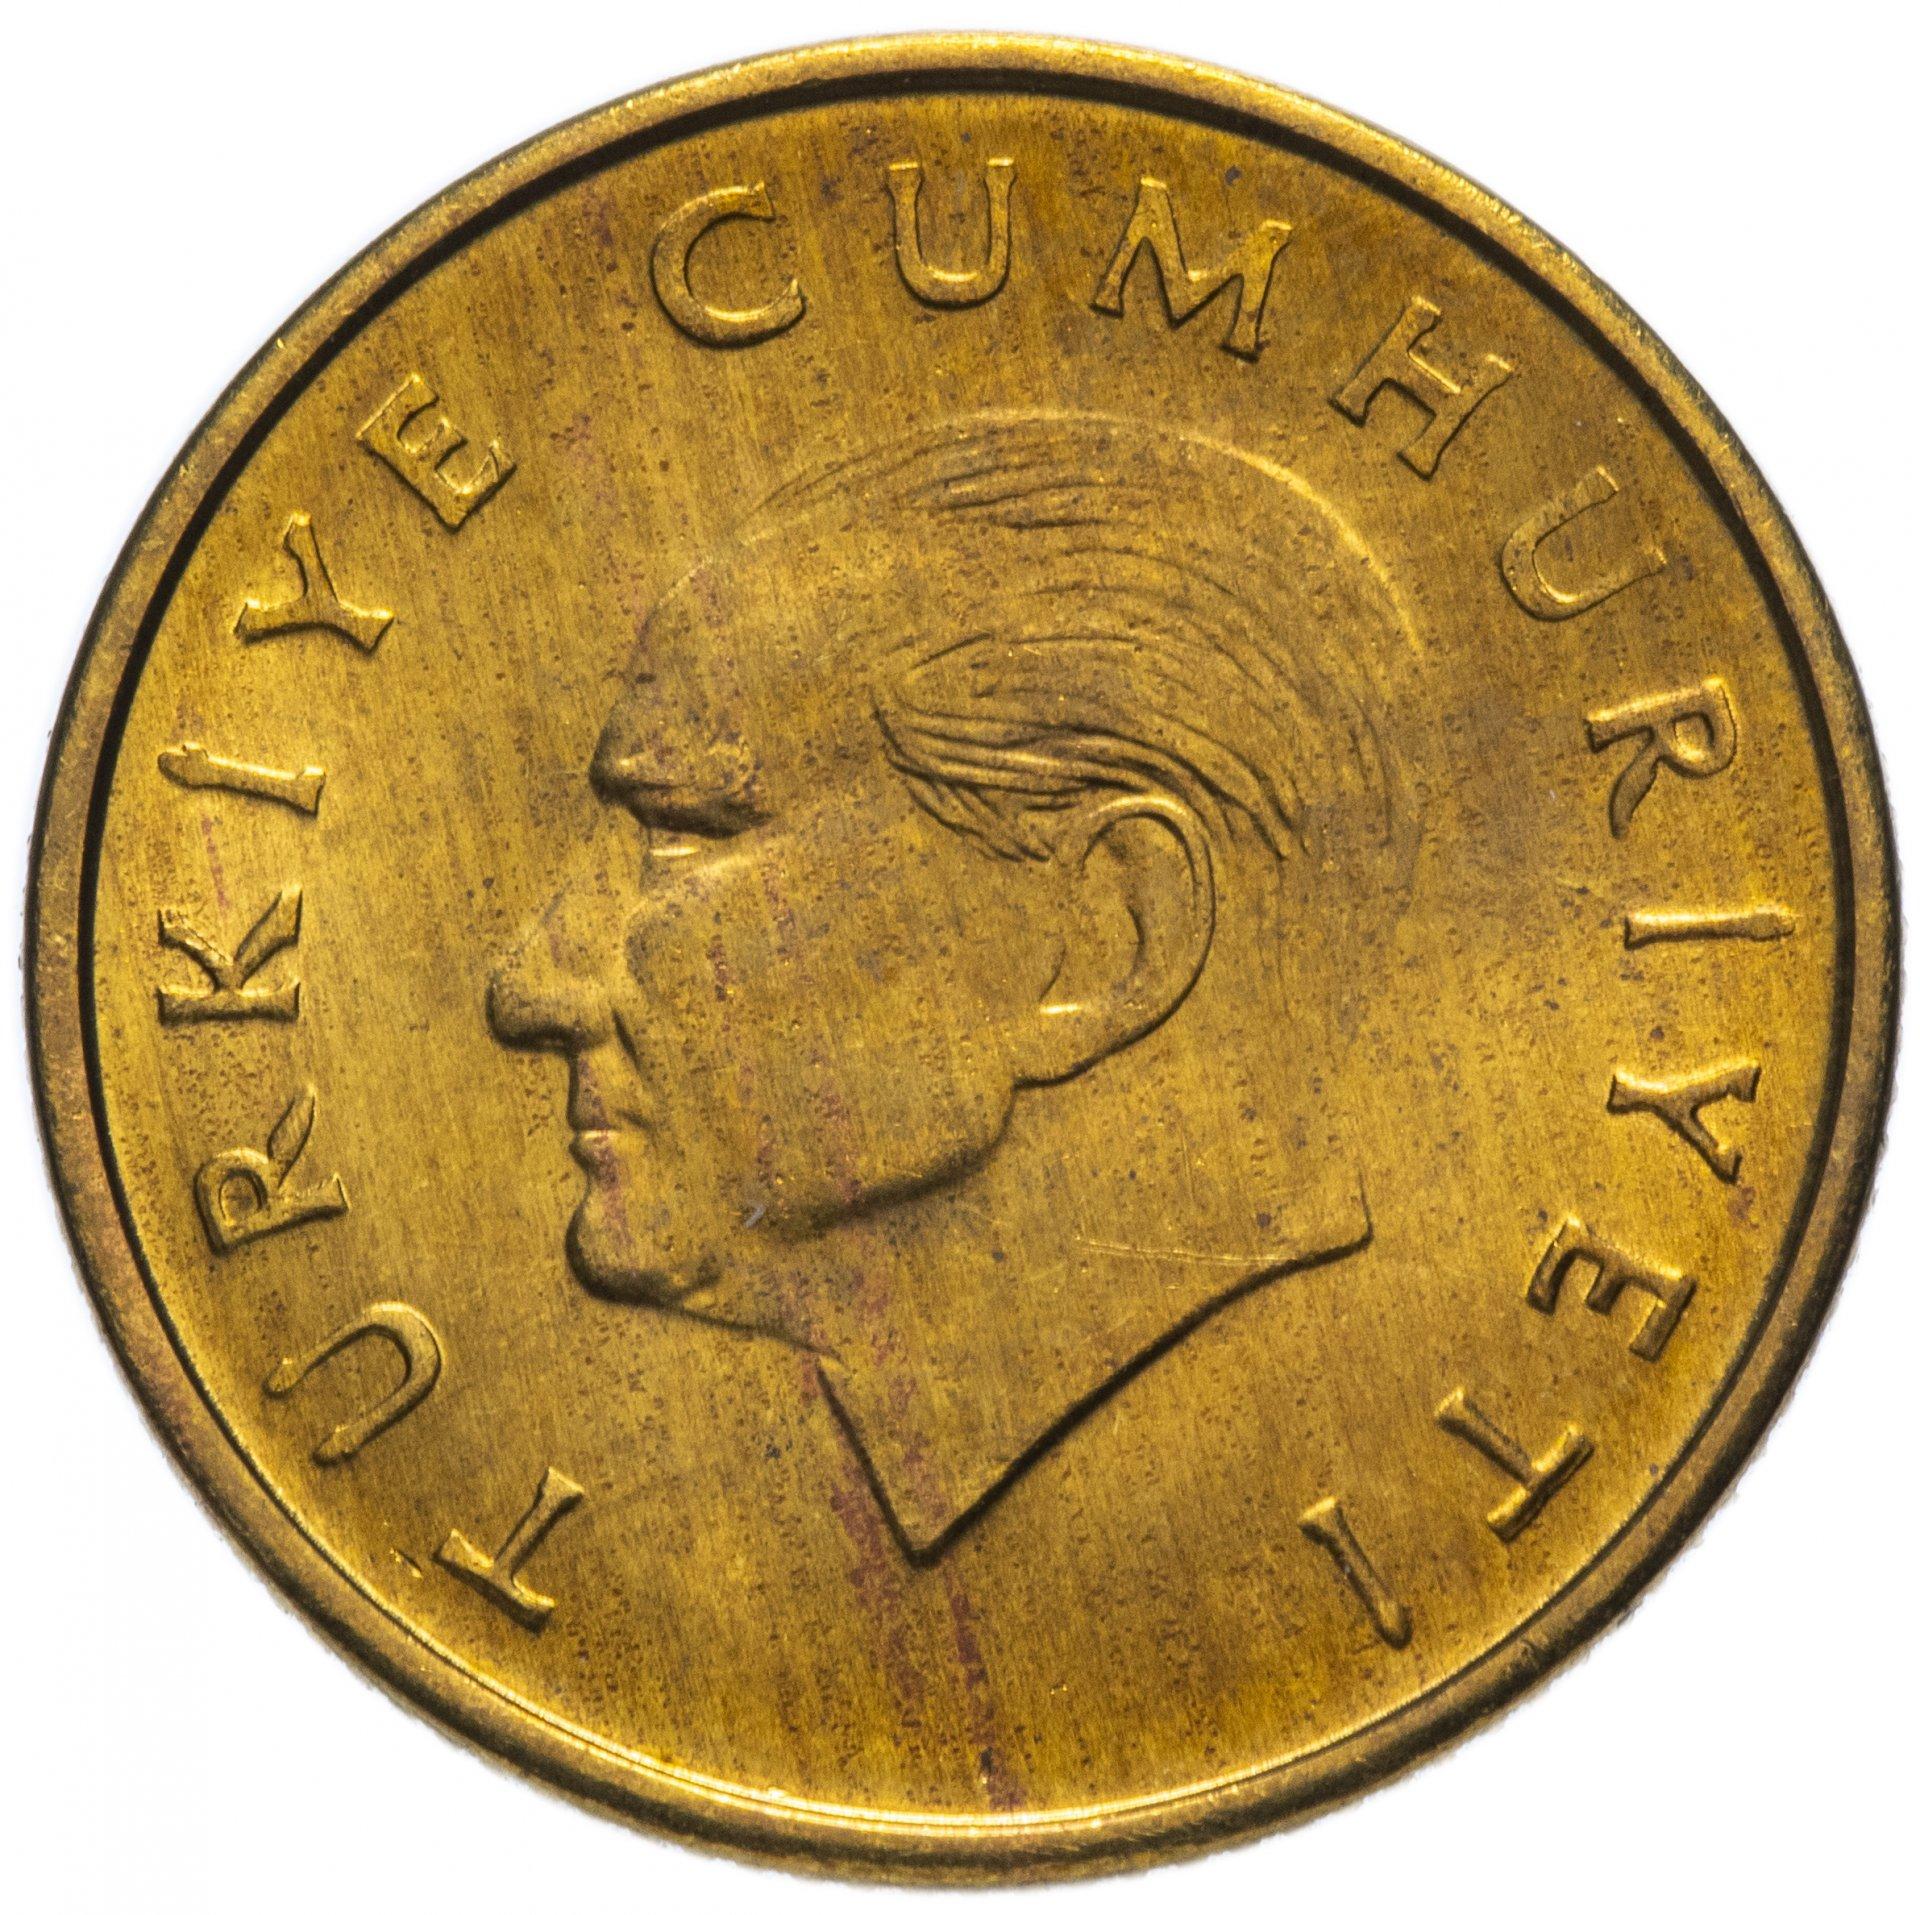 думает, турецкие деньги новые фото люди, которые